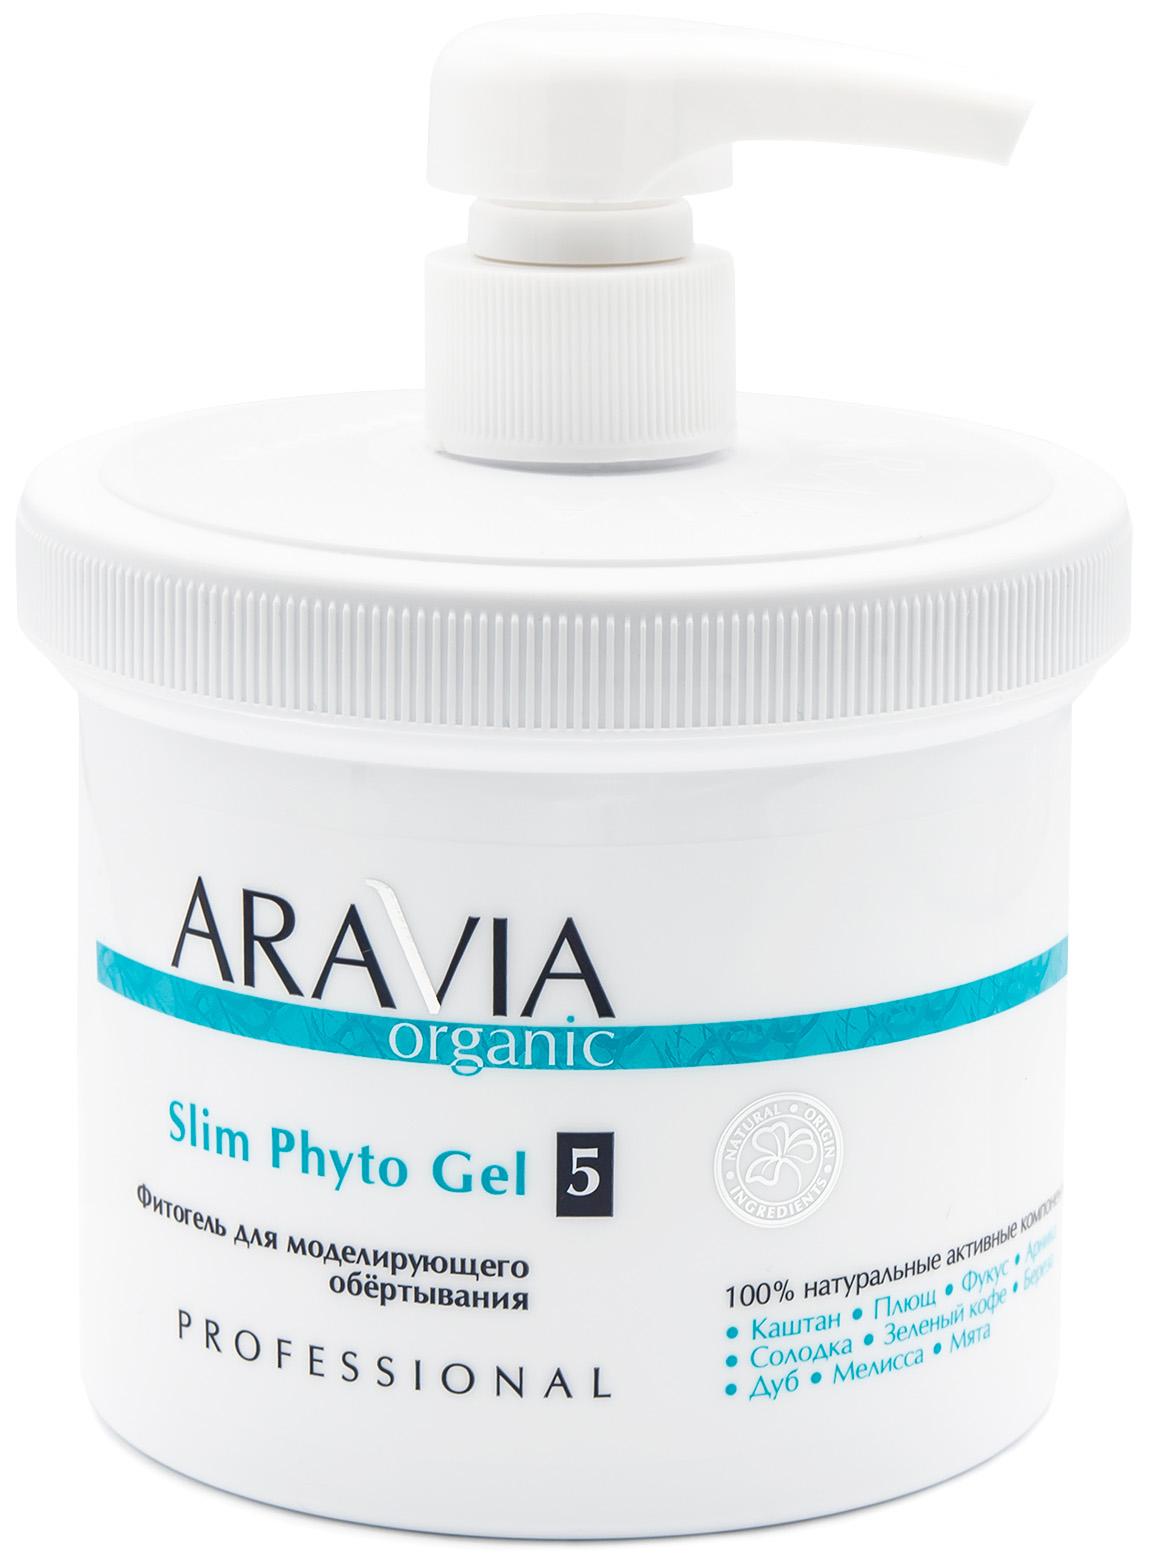 Купить Aravia Professional Фитогель для моделирующего обёртывания Slim Phyto Gel, 550 мл (Aravia Professional, Уход за телом), Россия